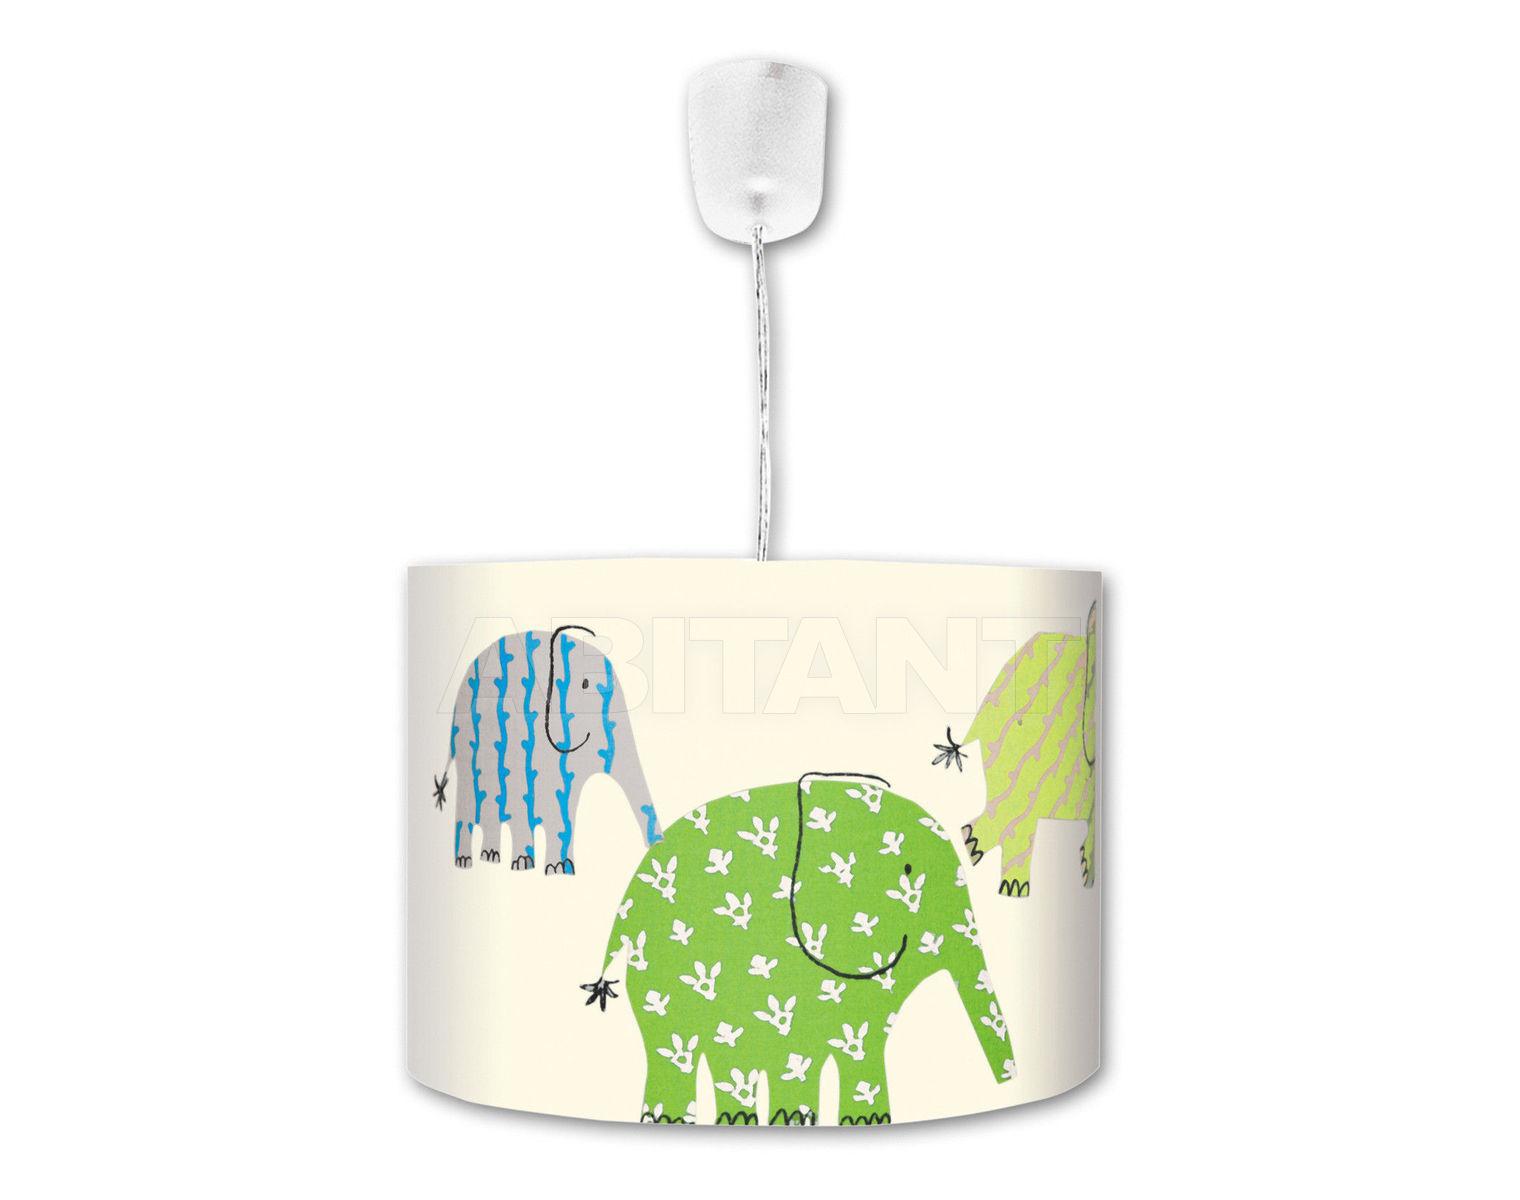 Купить Светильник для детской Waldi Leuchten Lampen Fur Kinder 2012 70280.0